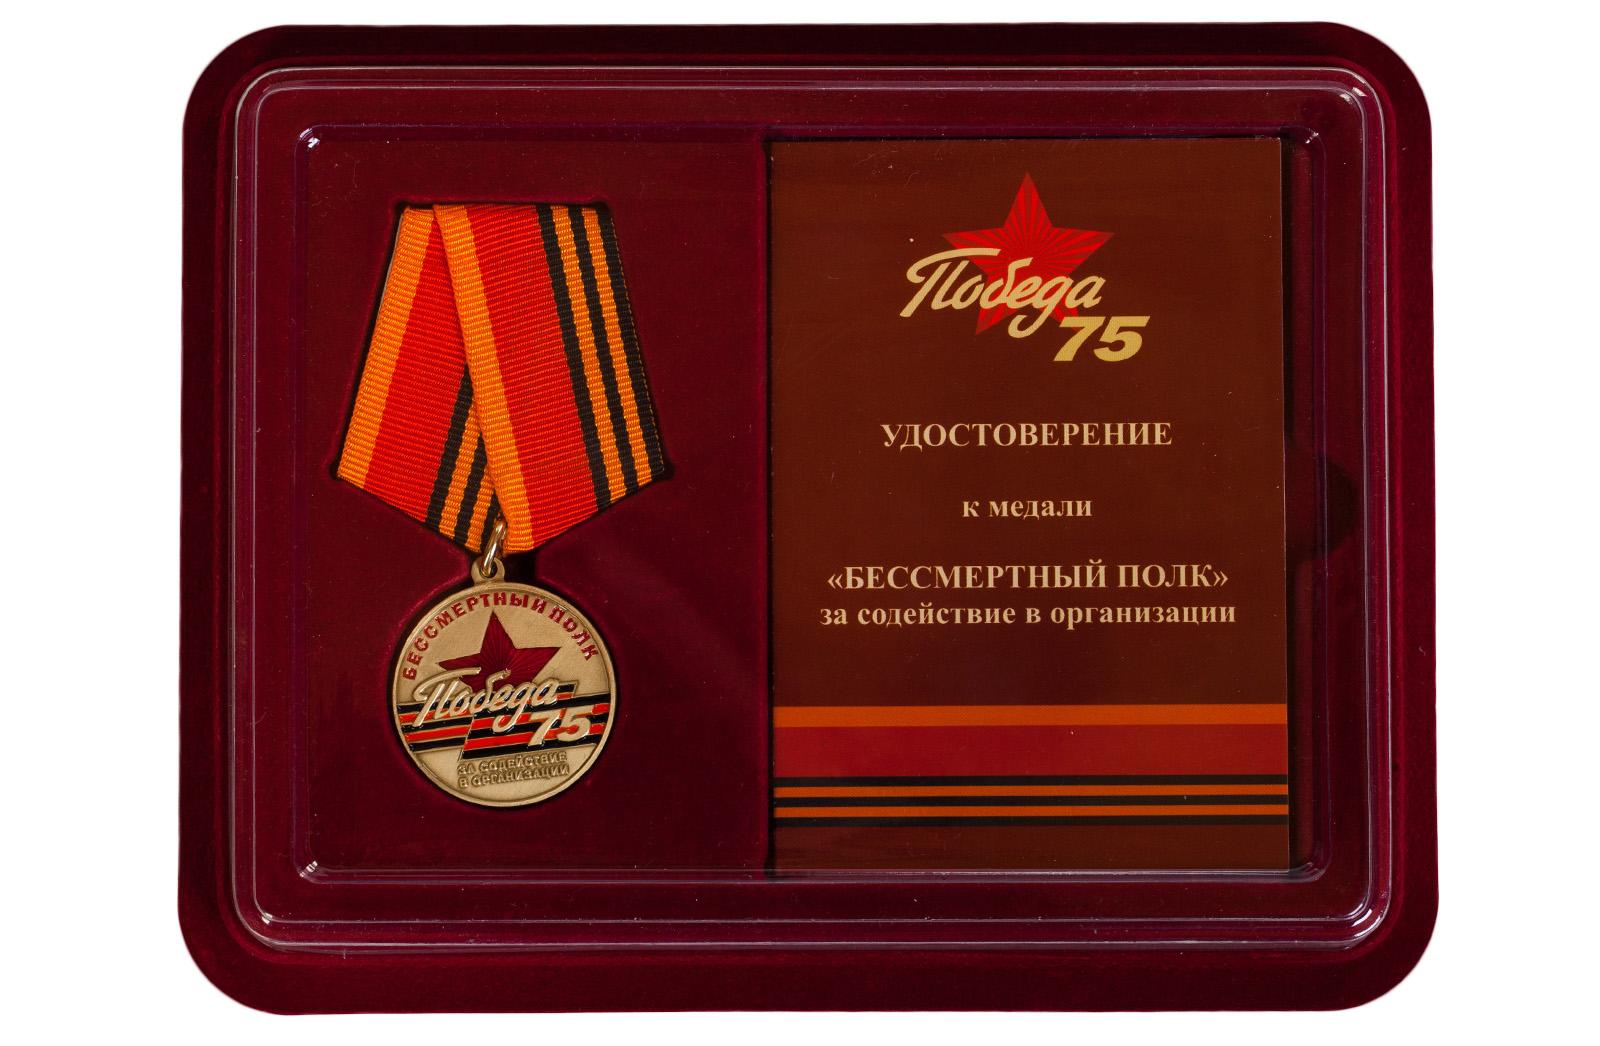 Купить латунную медаль За содействие в организации акции Бессмертный полк. 75 лет Победы в подарок